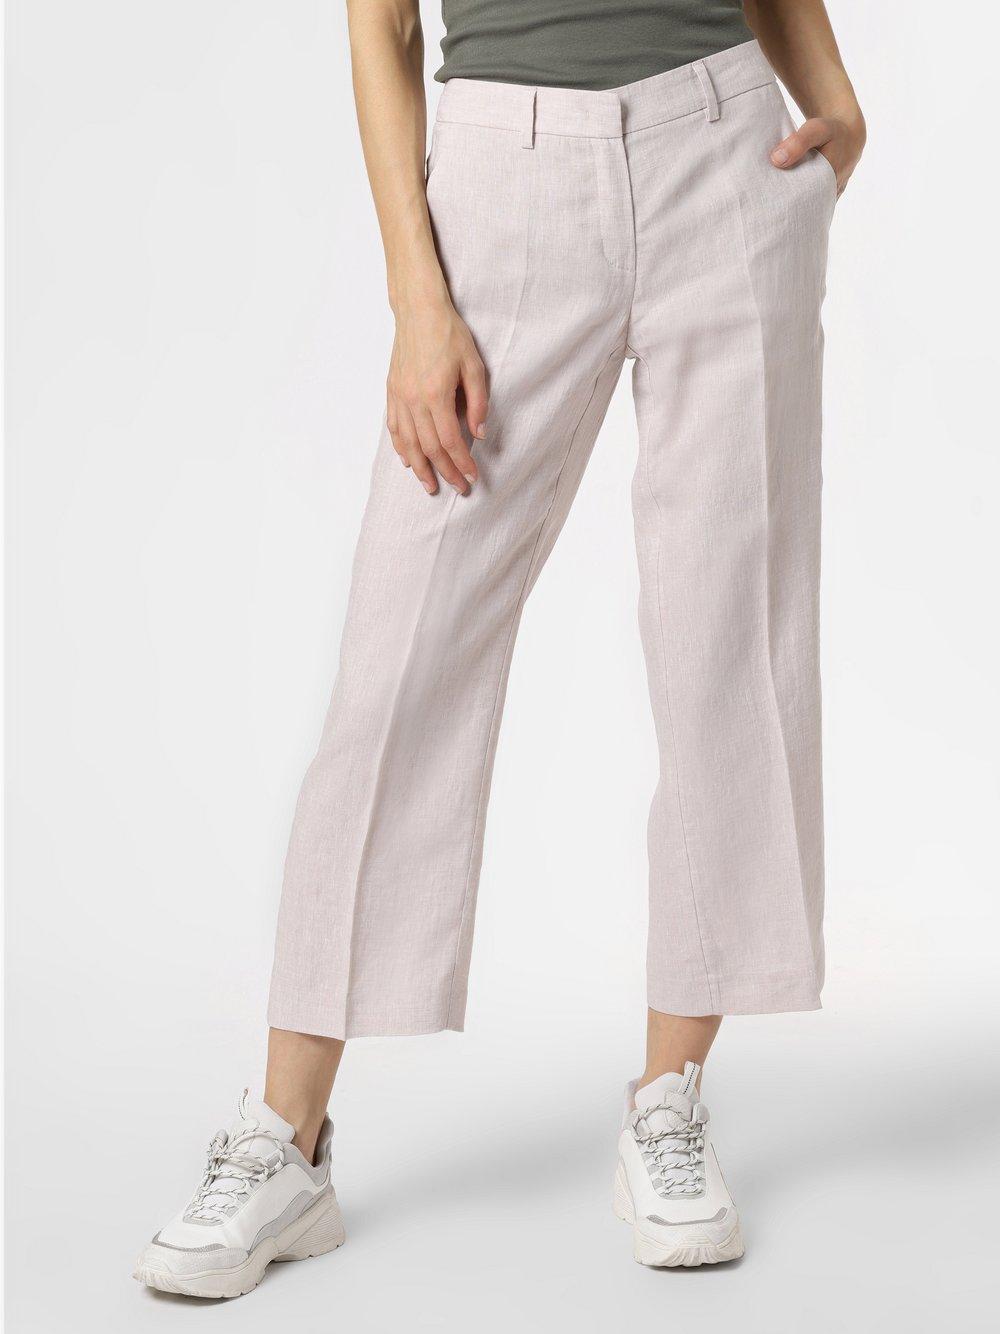 RAFFAELLO ROSSI - Damskie spodnie lniane – Olessa, beżowy